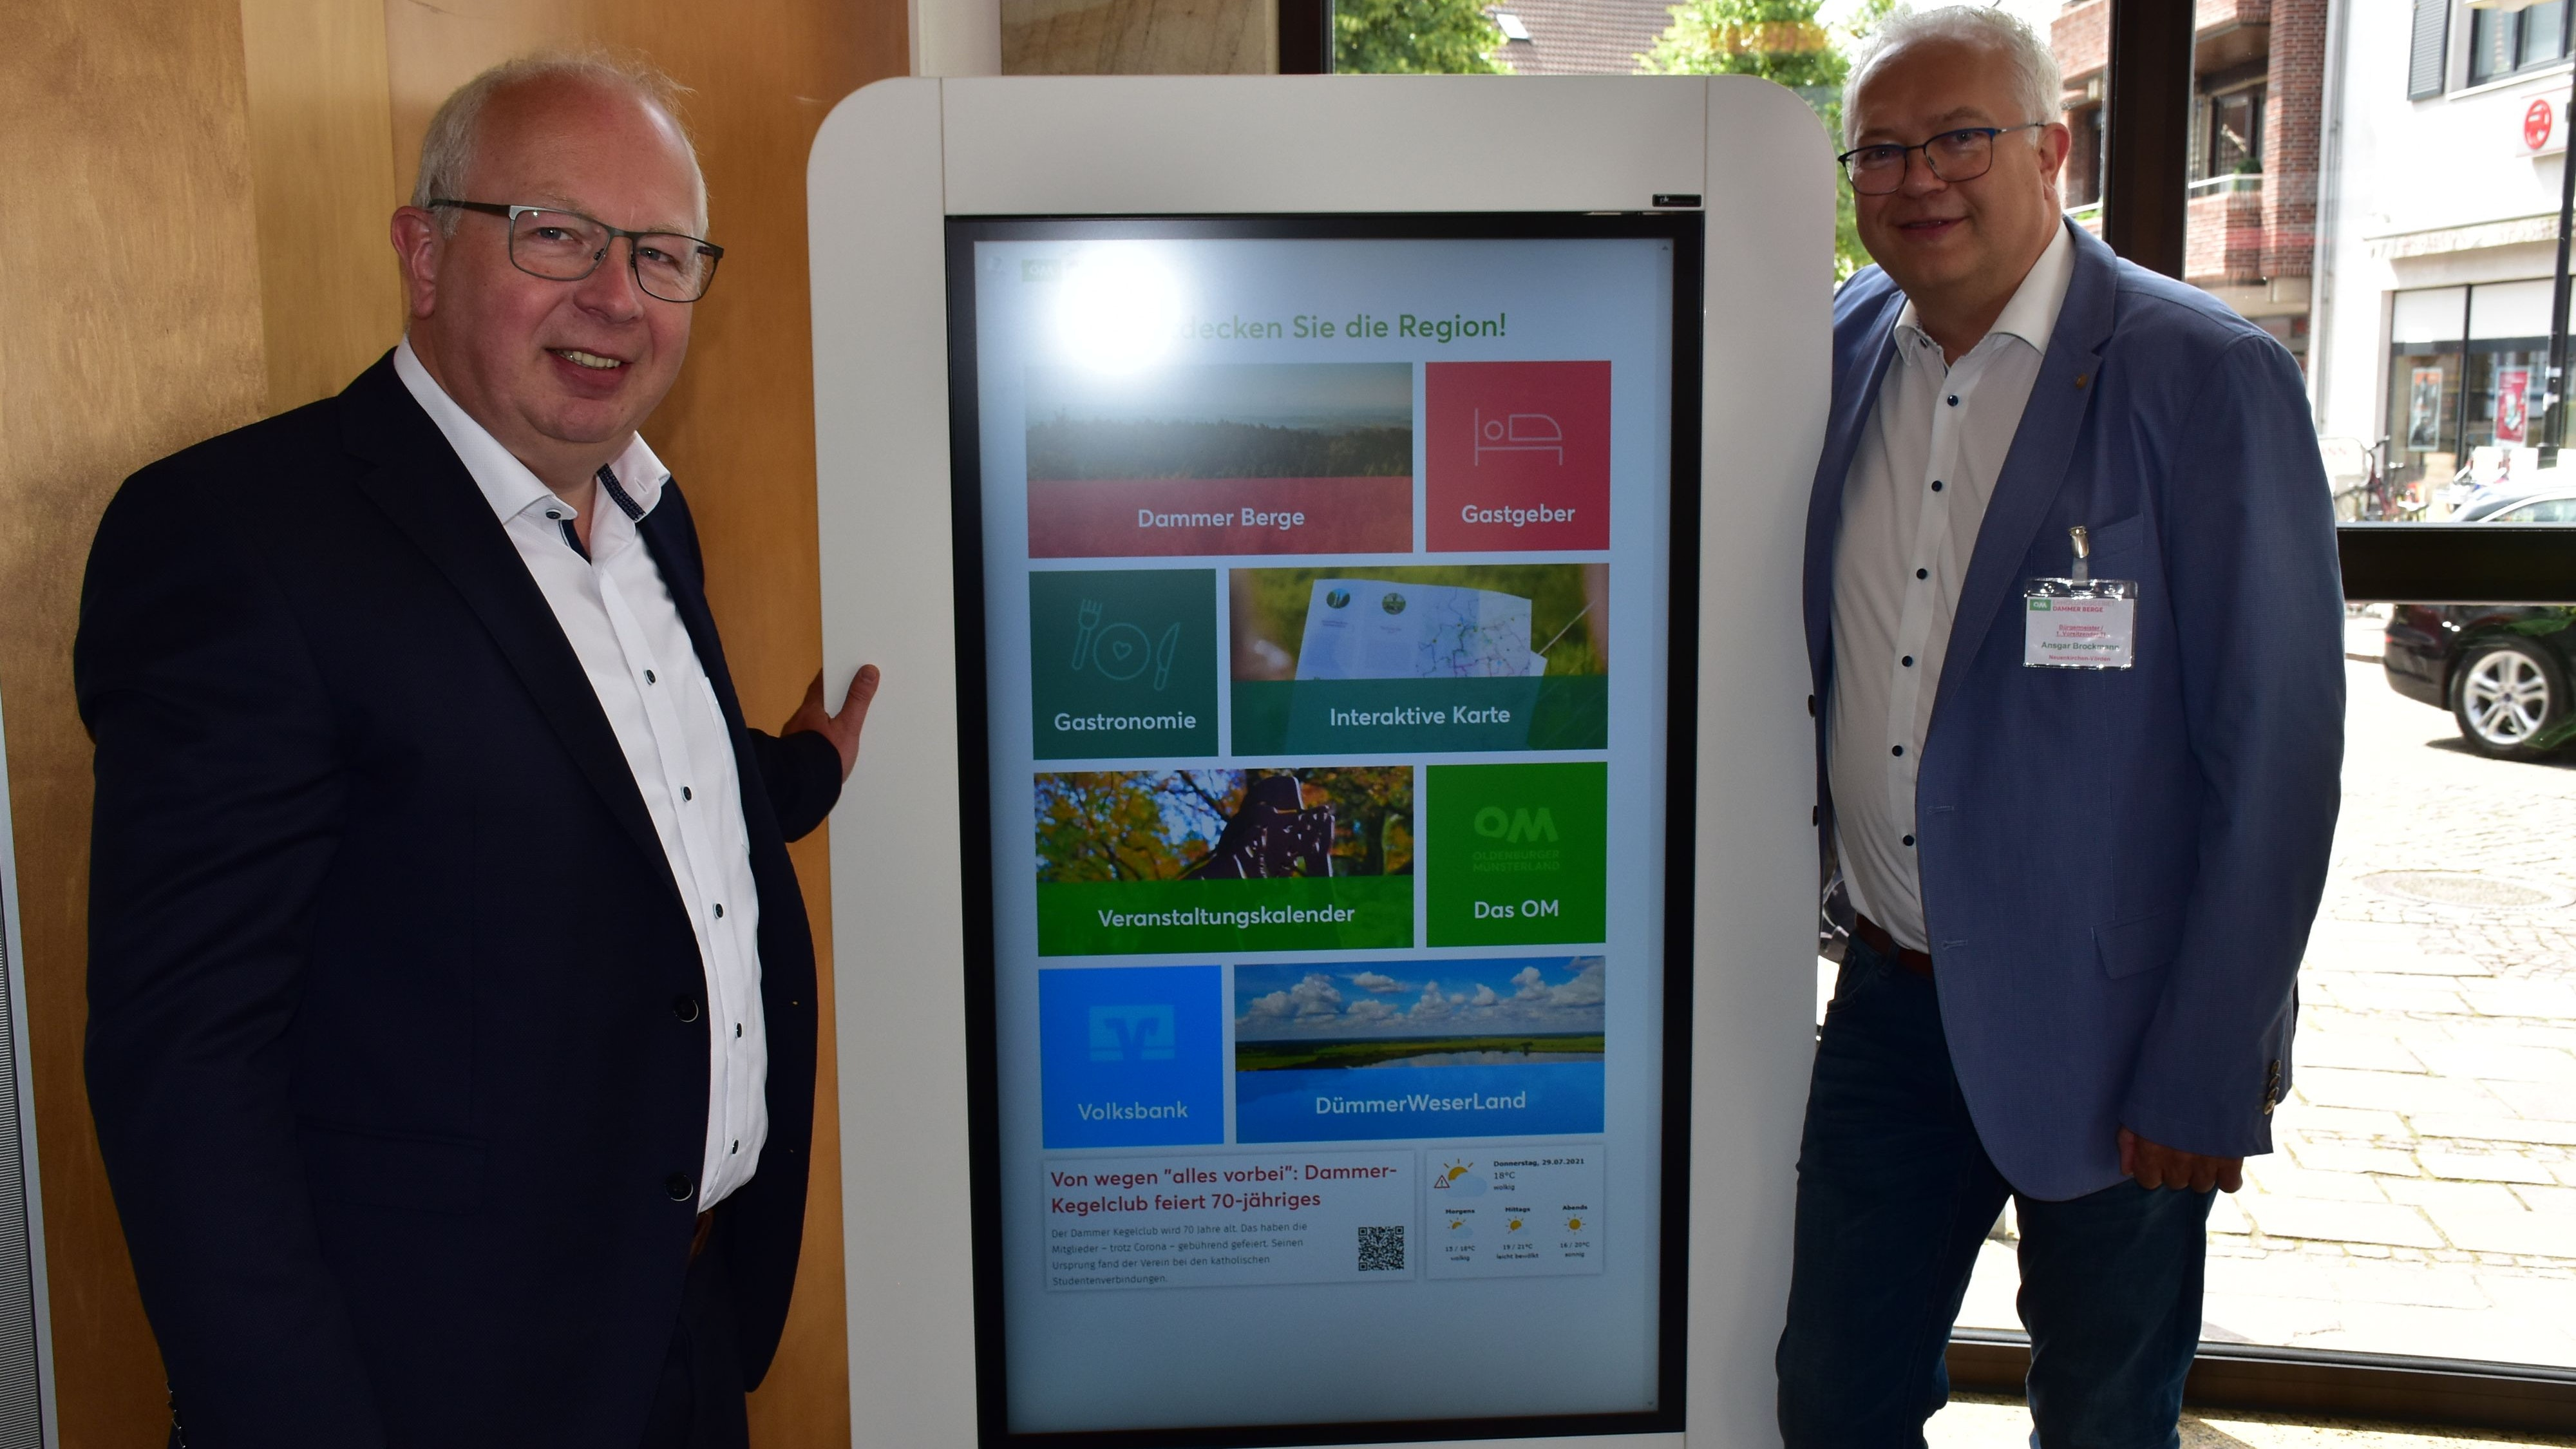 Modernste Technik: Thomas gr. Klönne (links) und Ansgar Brockmann sind von der Informations-Stele überzeugt. Foto: Lammert